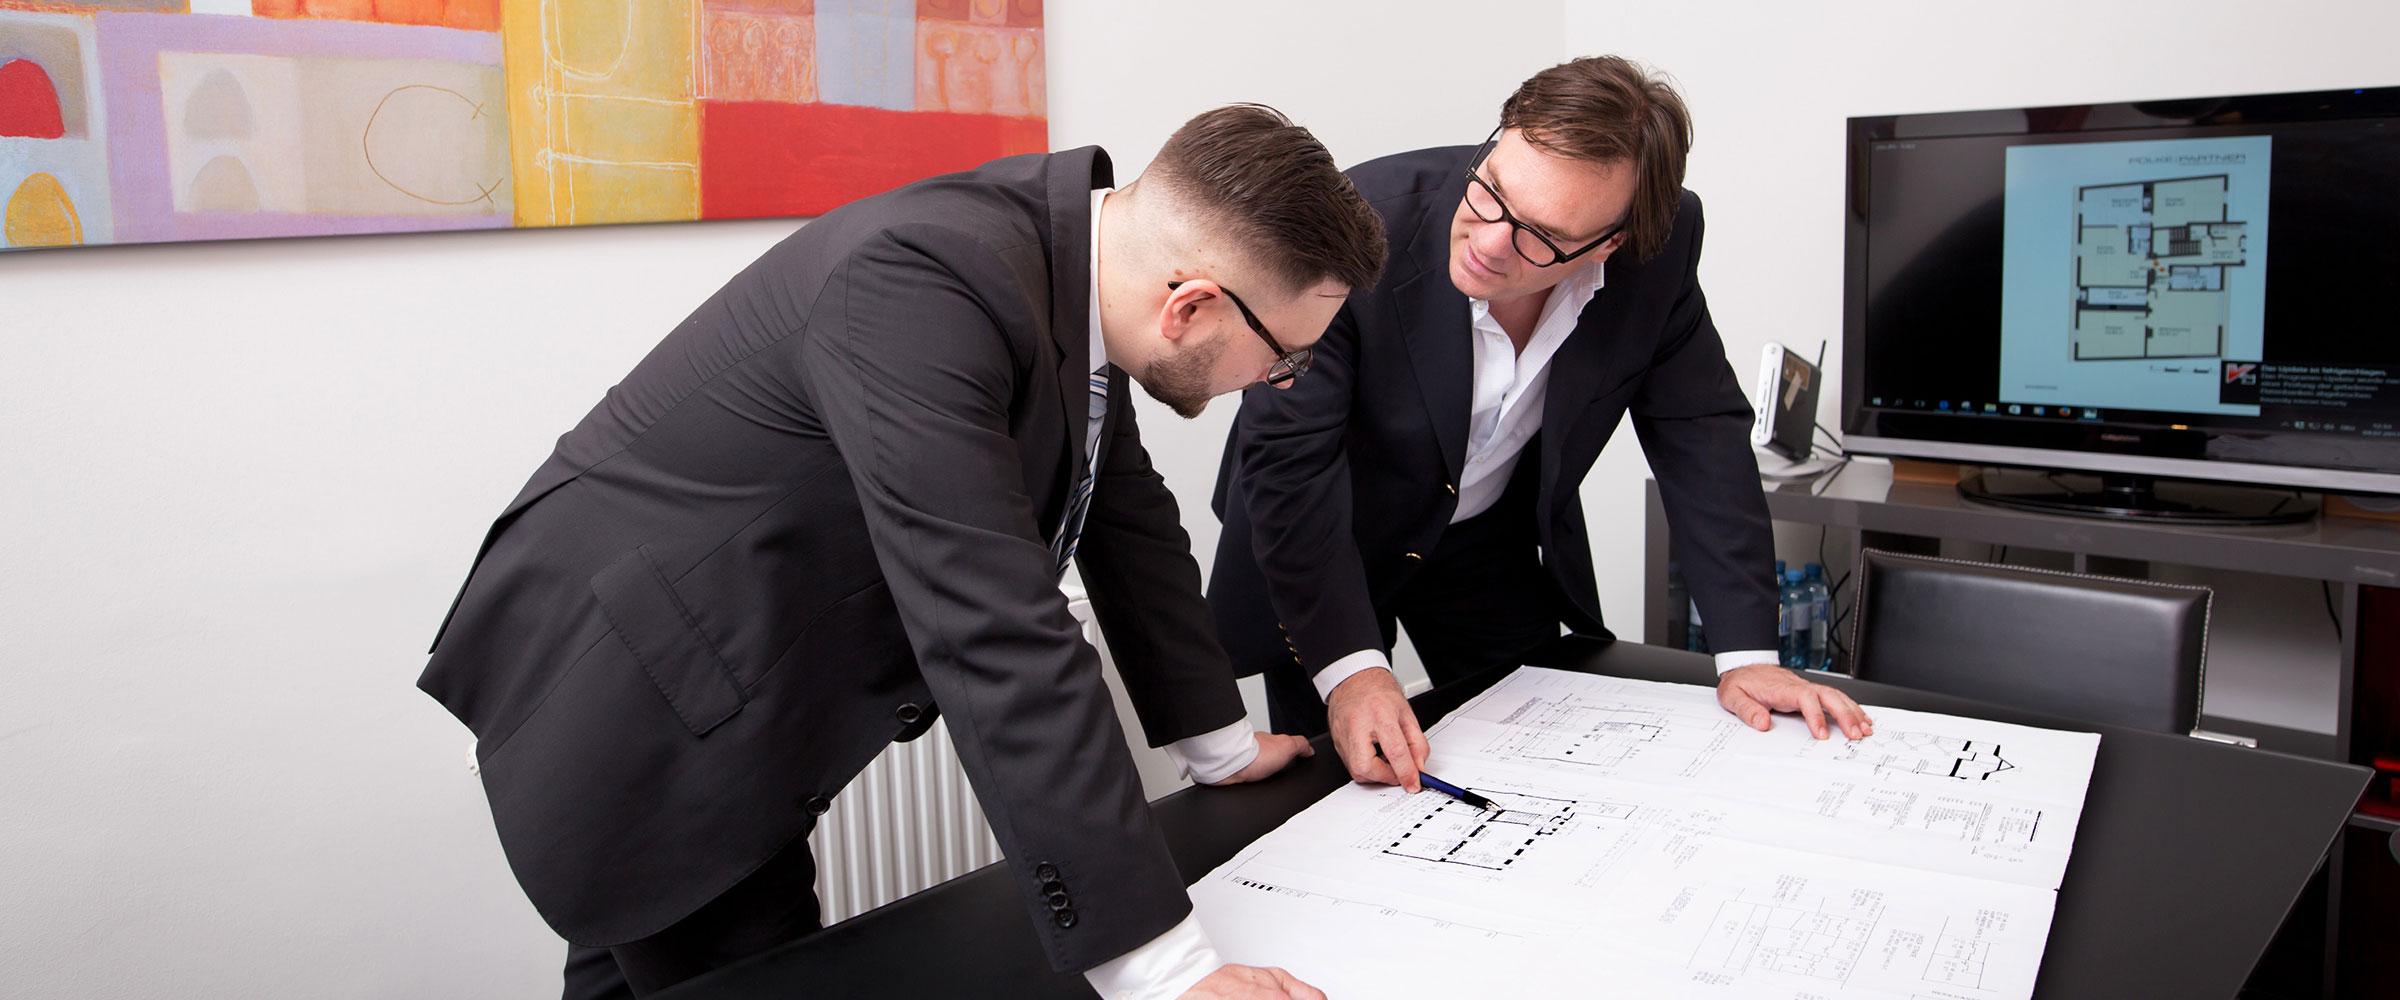 Stefan Polke bespricht mit Mitarbeiter einen Plan, der die Nutzraum-Fläche einer Immobilie zeigt.